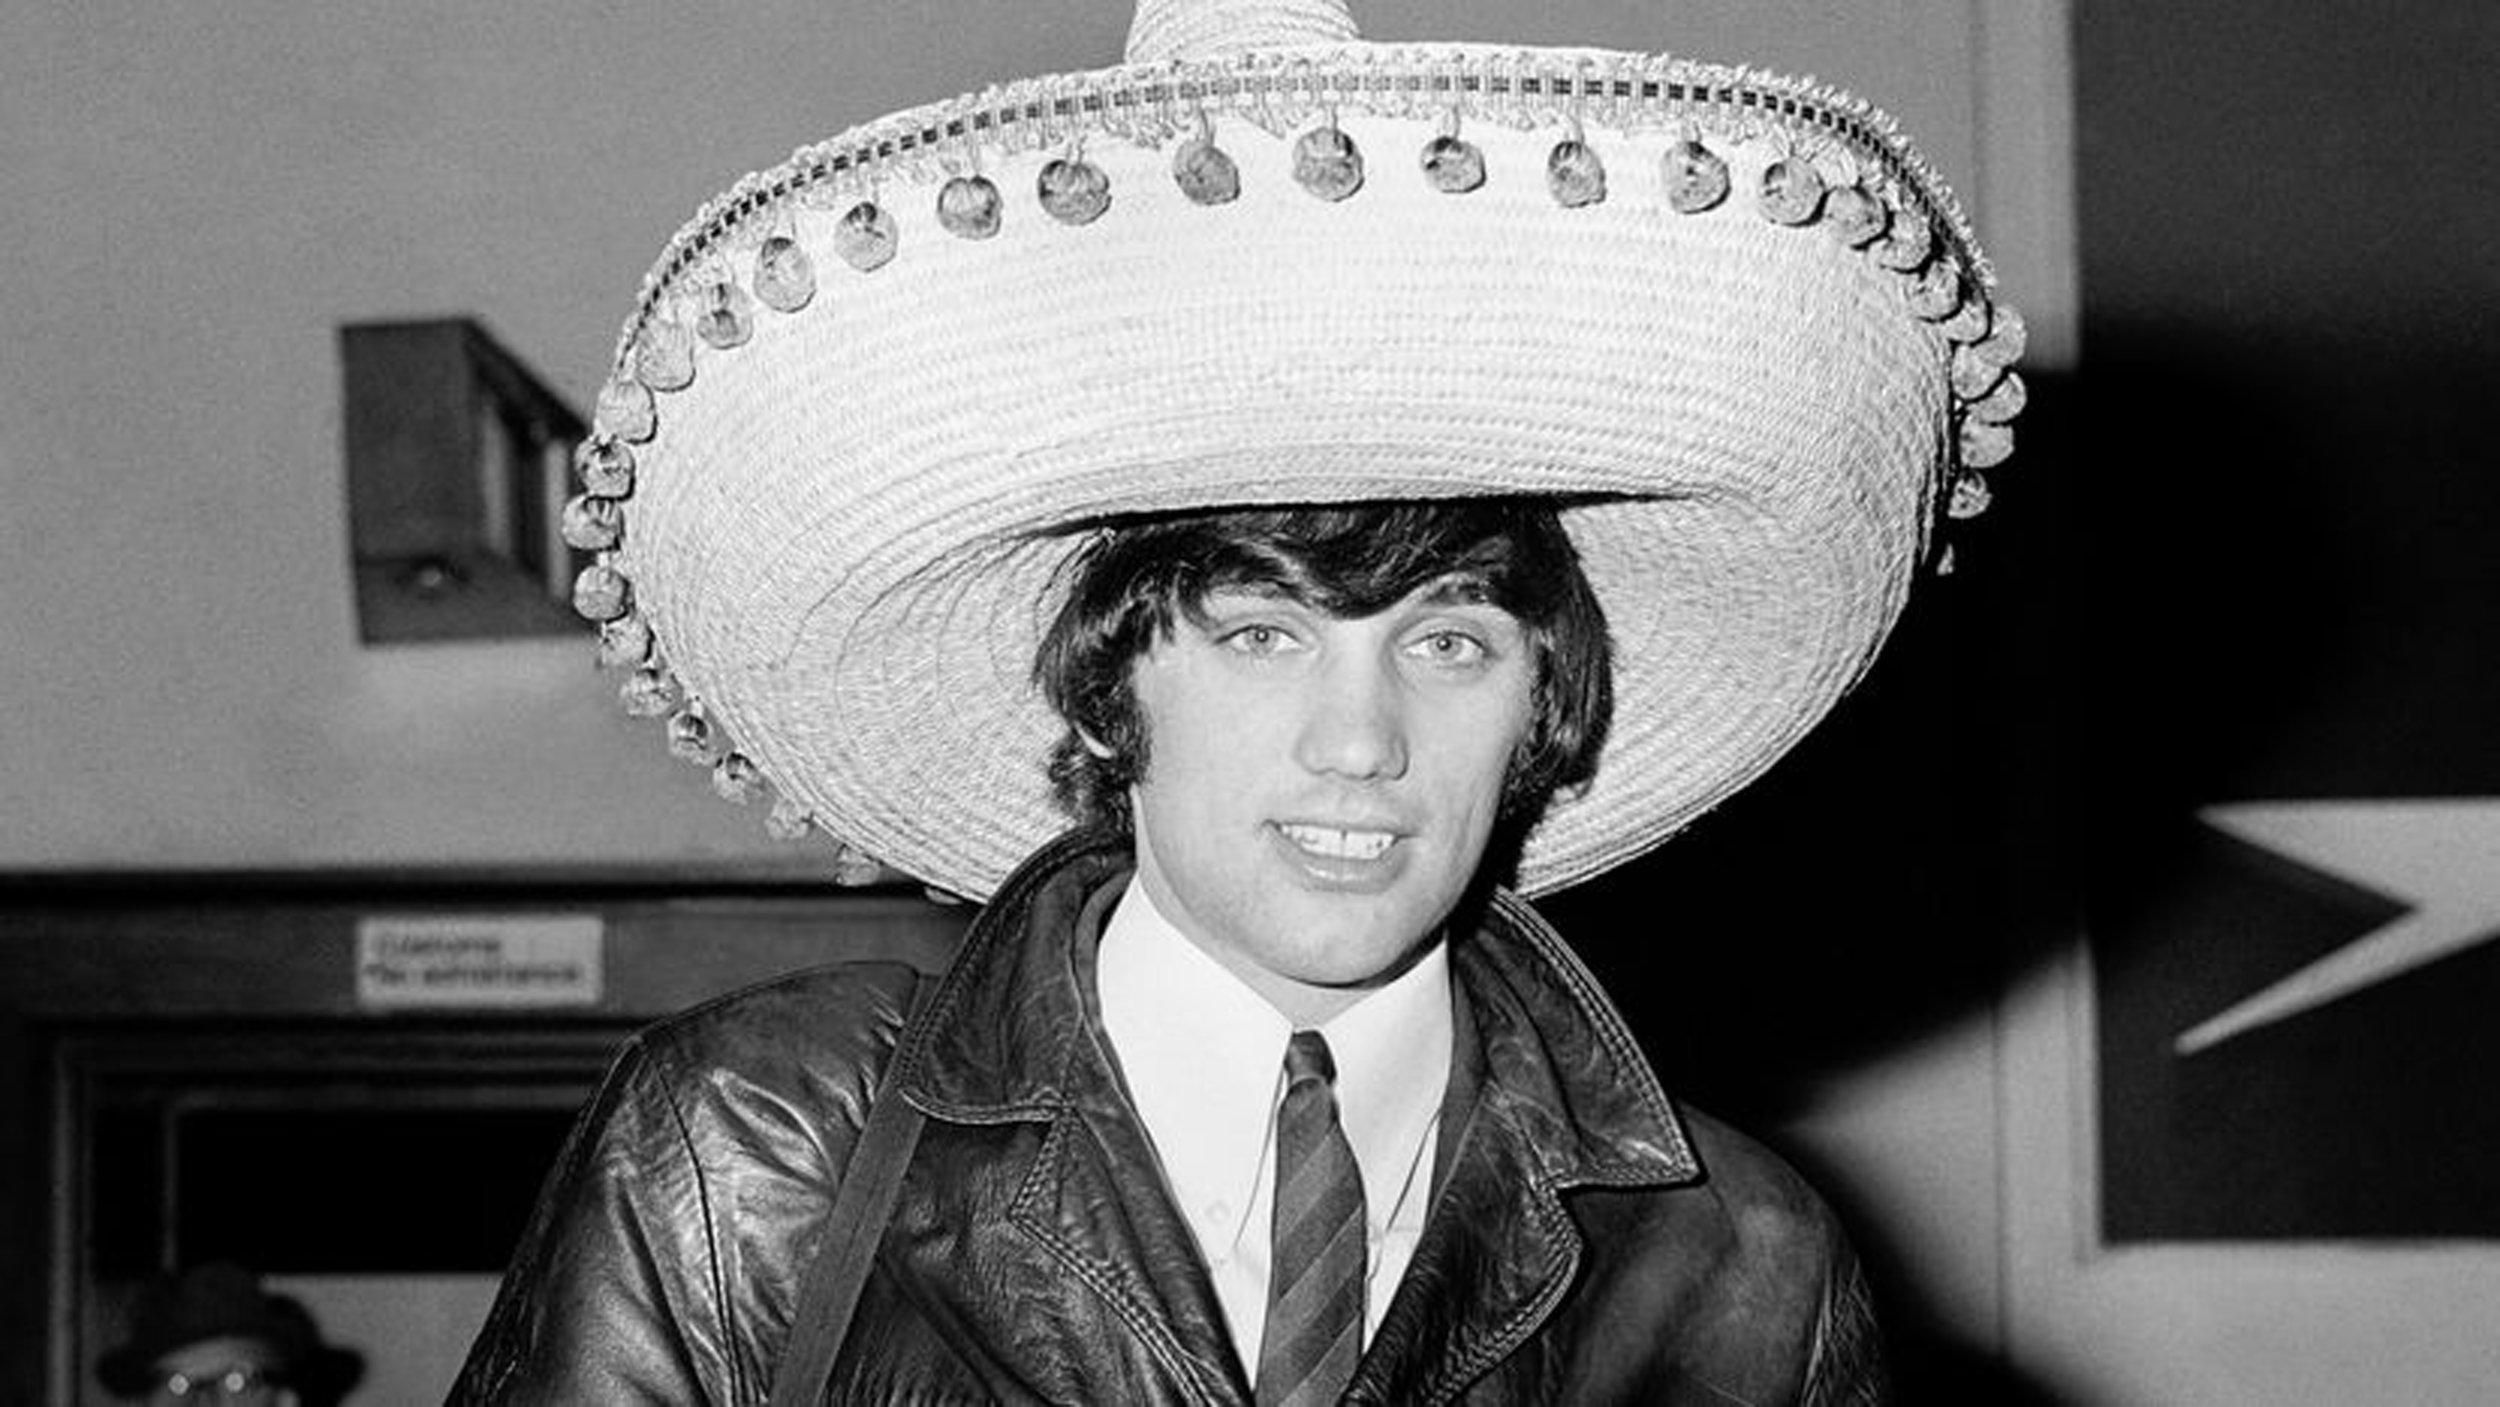 George Best h res.jpg